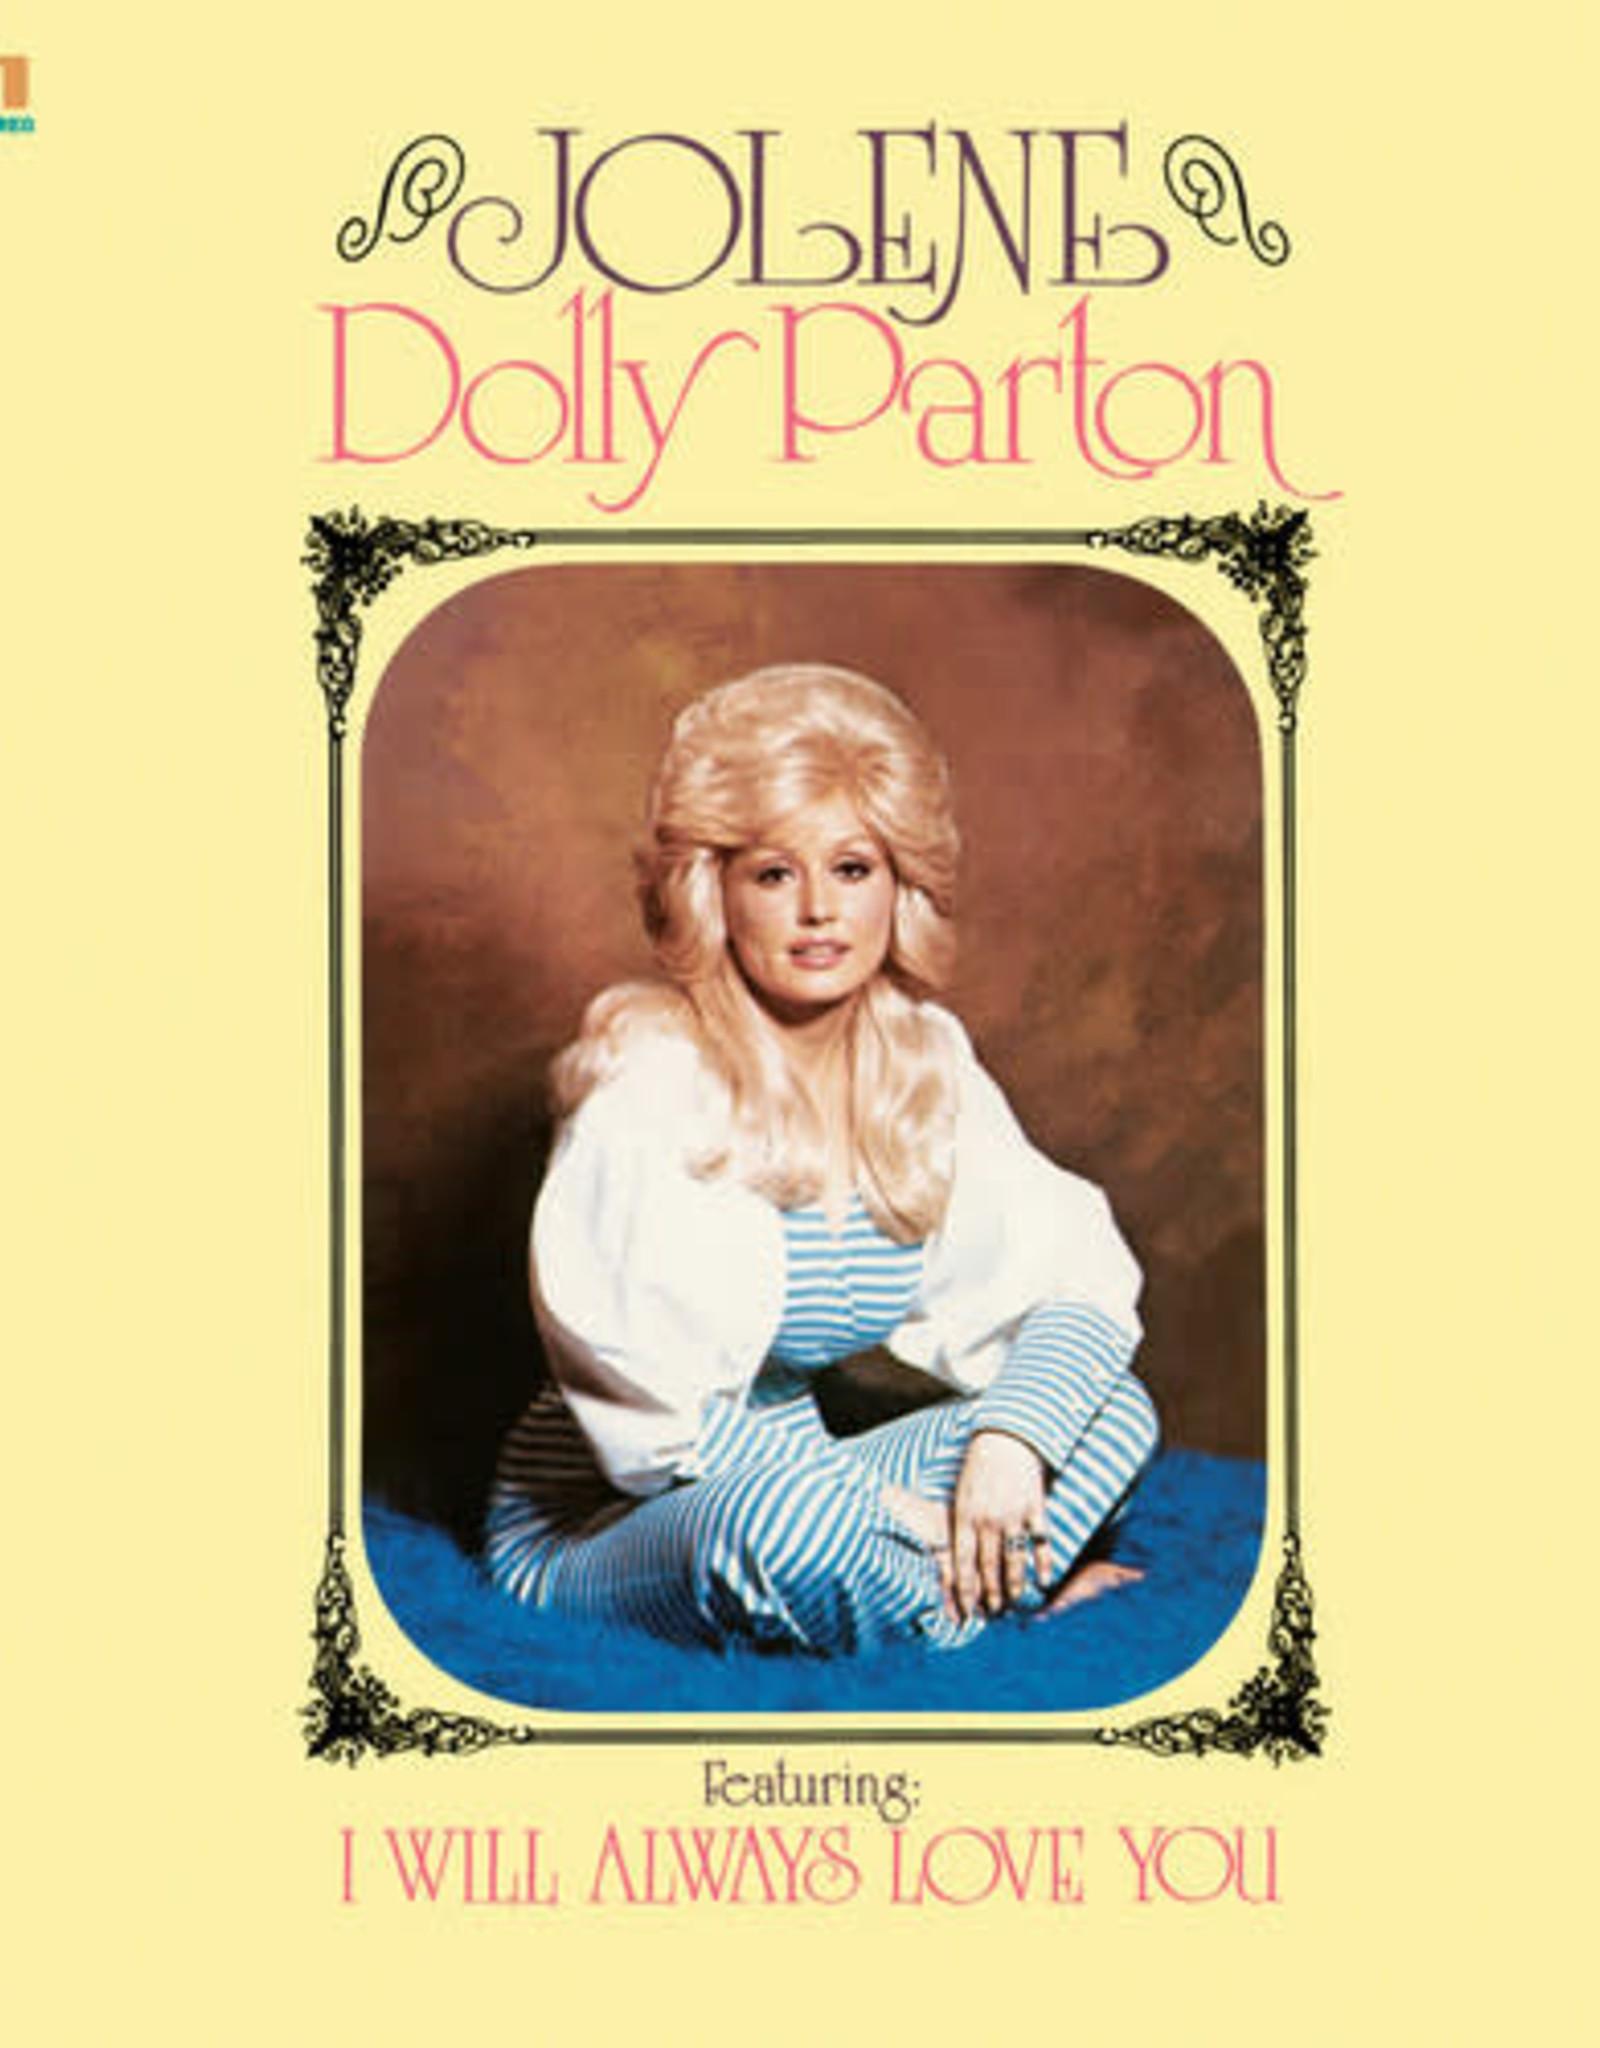 Dolly Parton - Jolene (140G/Dl Insert)